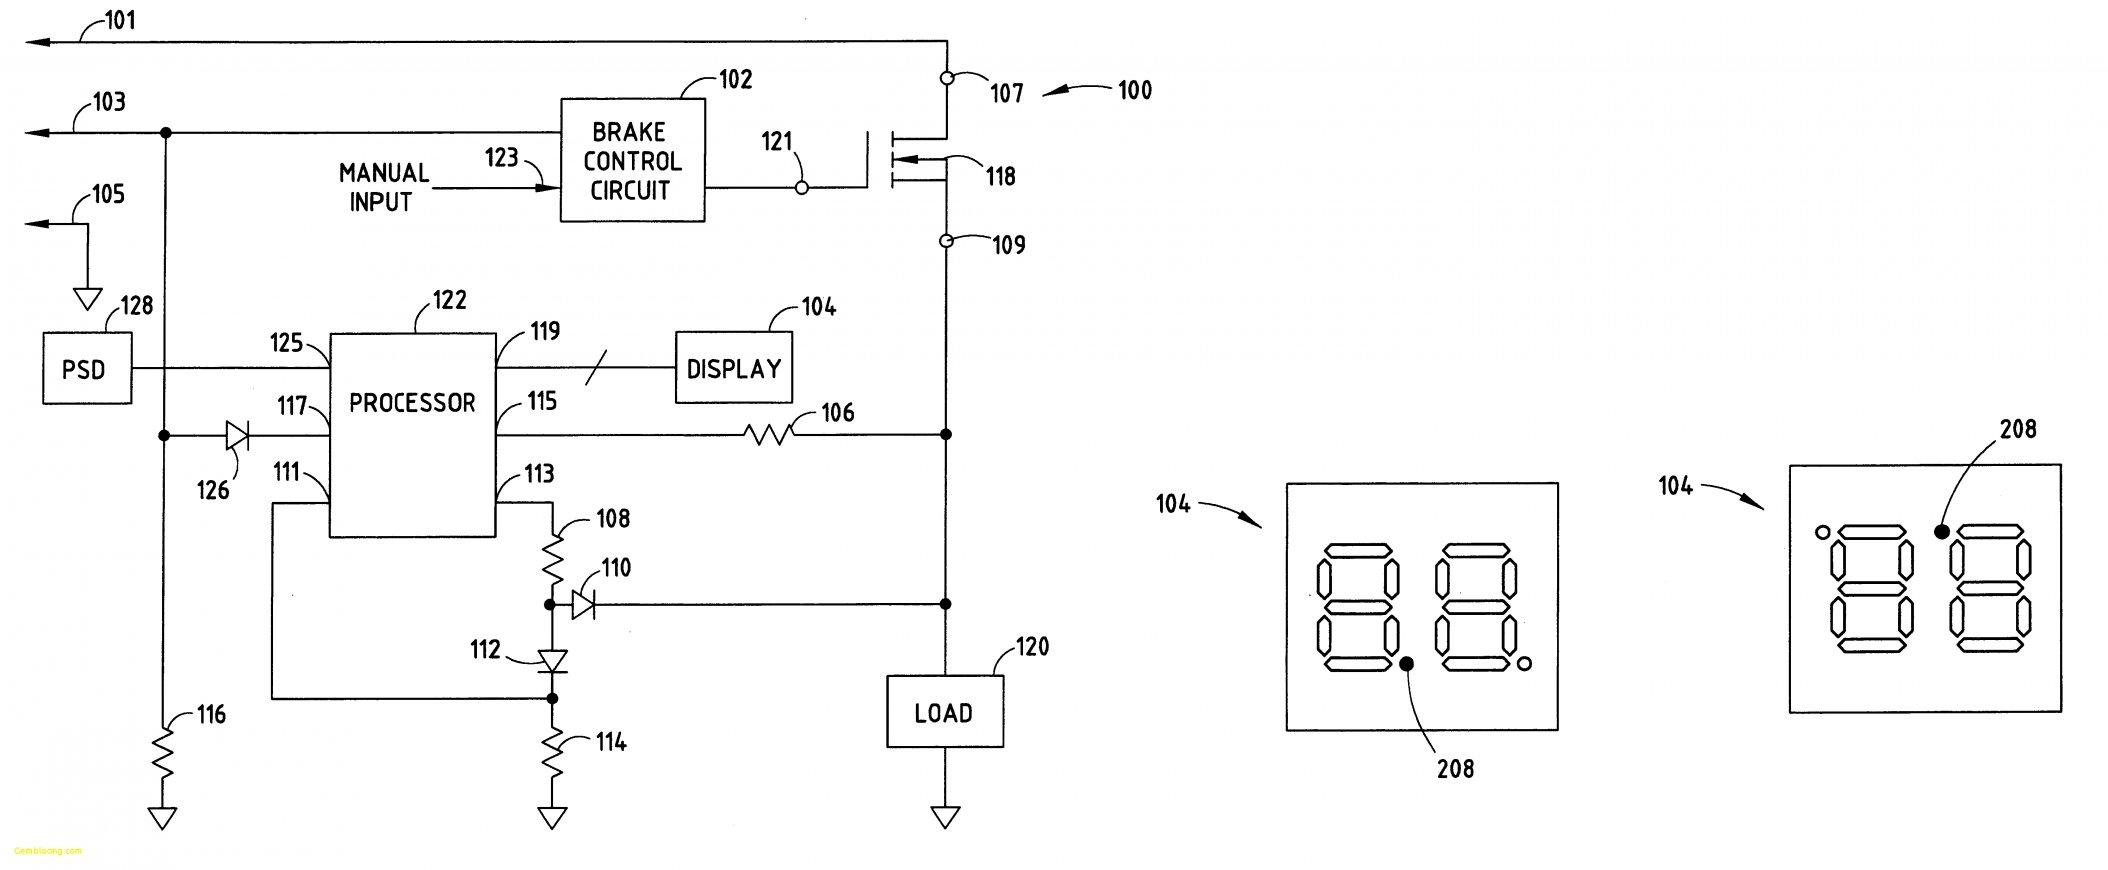 Tekonsha Brake Controller Wiring Diagram Ford | Wiring Diagram - Trailer Brake Controller Wiring Diagram